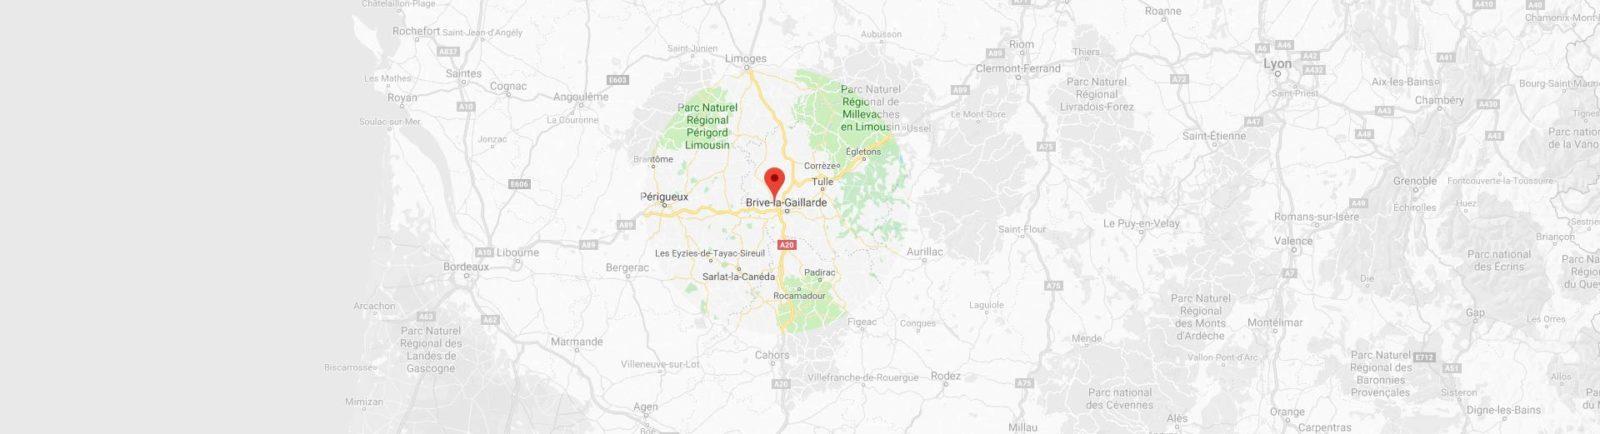 Zone d'intervention - Sarl Da Costa Albino | maçon à Brive-la-Gaillarde